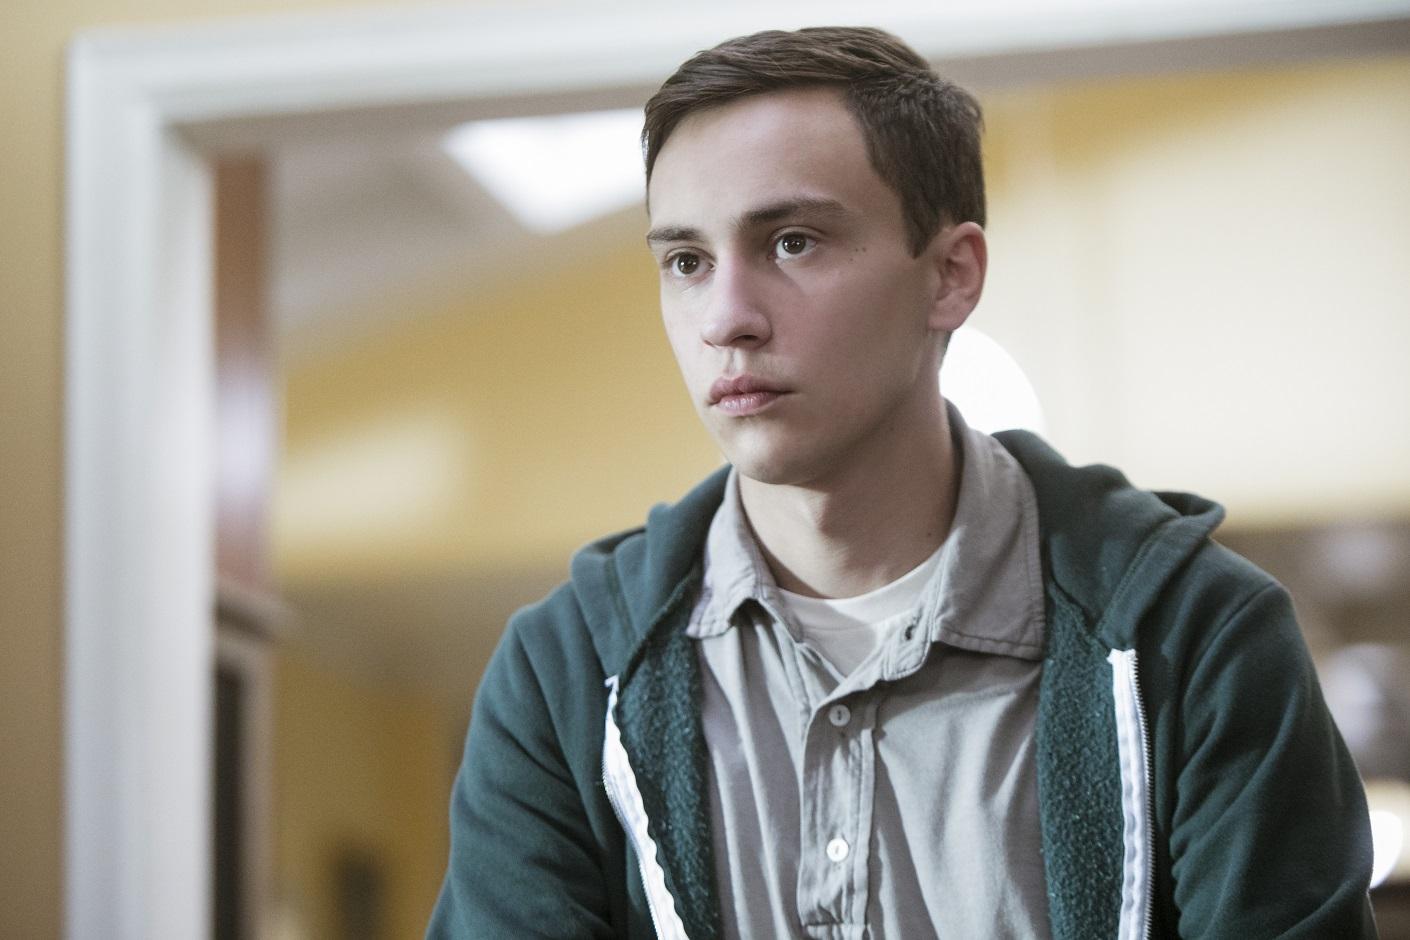 O jovem Sam Garner, vivido pelo ator Kier Gilchrist, personagem principal da nova série Atypical, do Netflix. Foto Divulgação